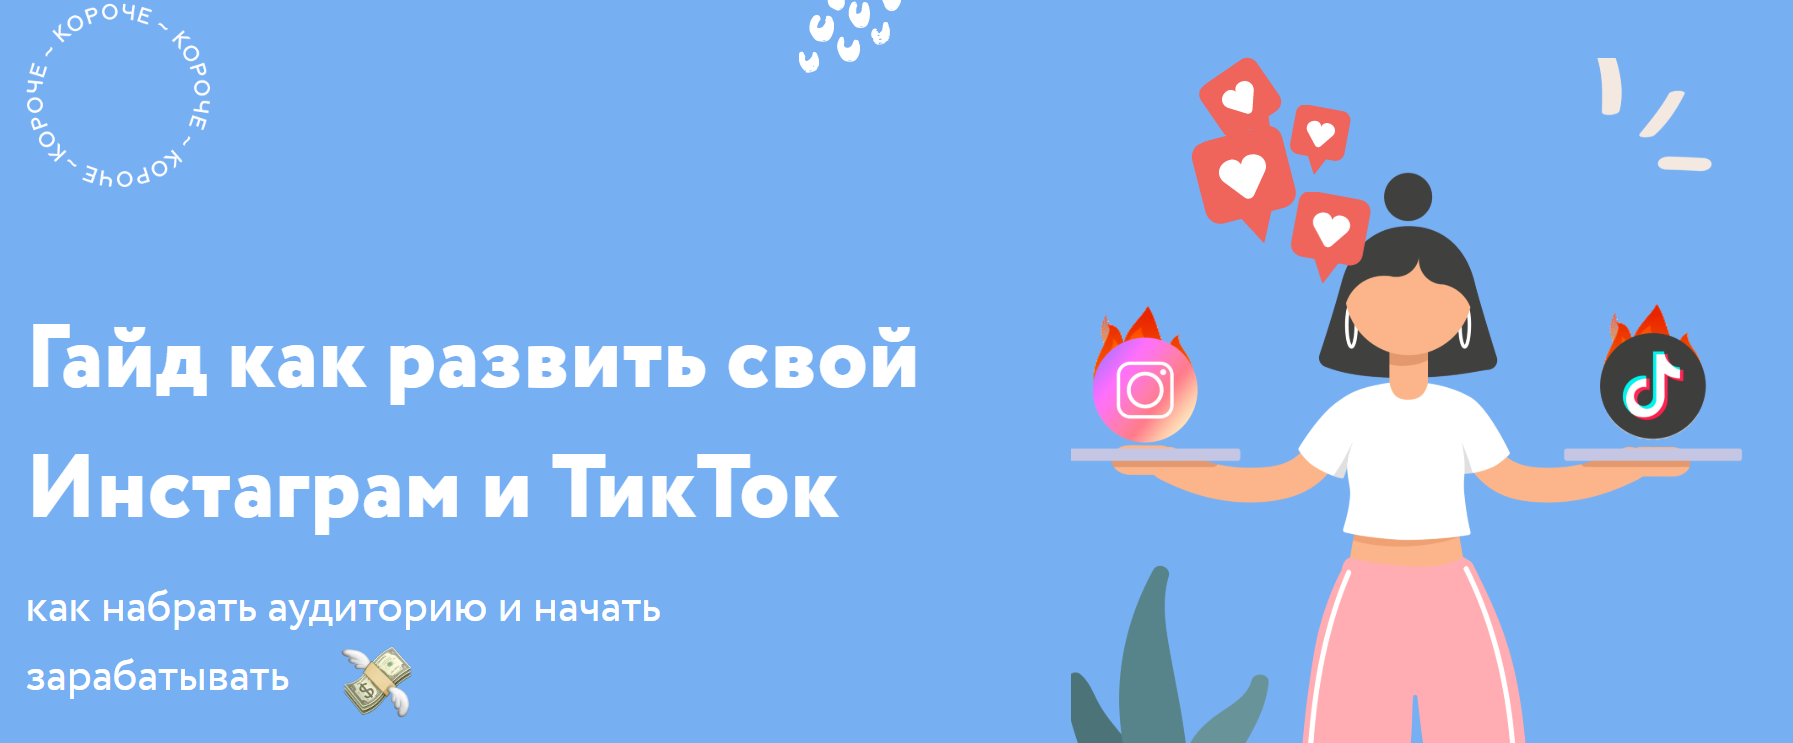 upload_2020-6-11_22-59-38.png